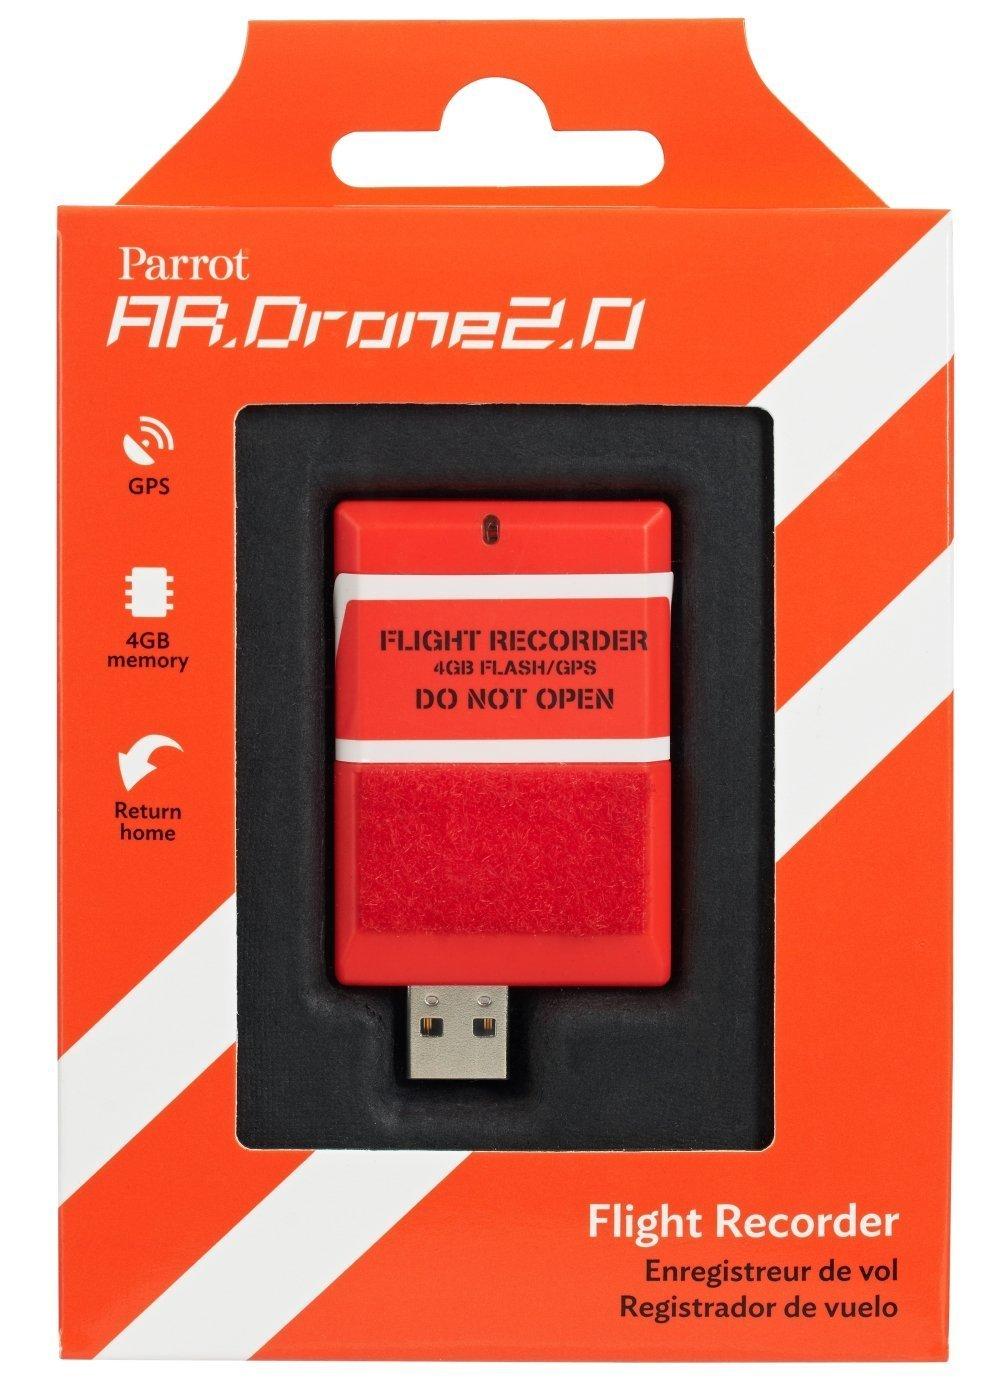 Parrot AR.DRONE 2.0 Flight Recorder: GPS